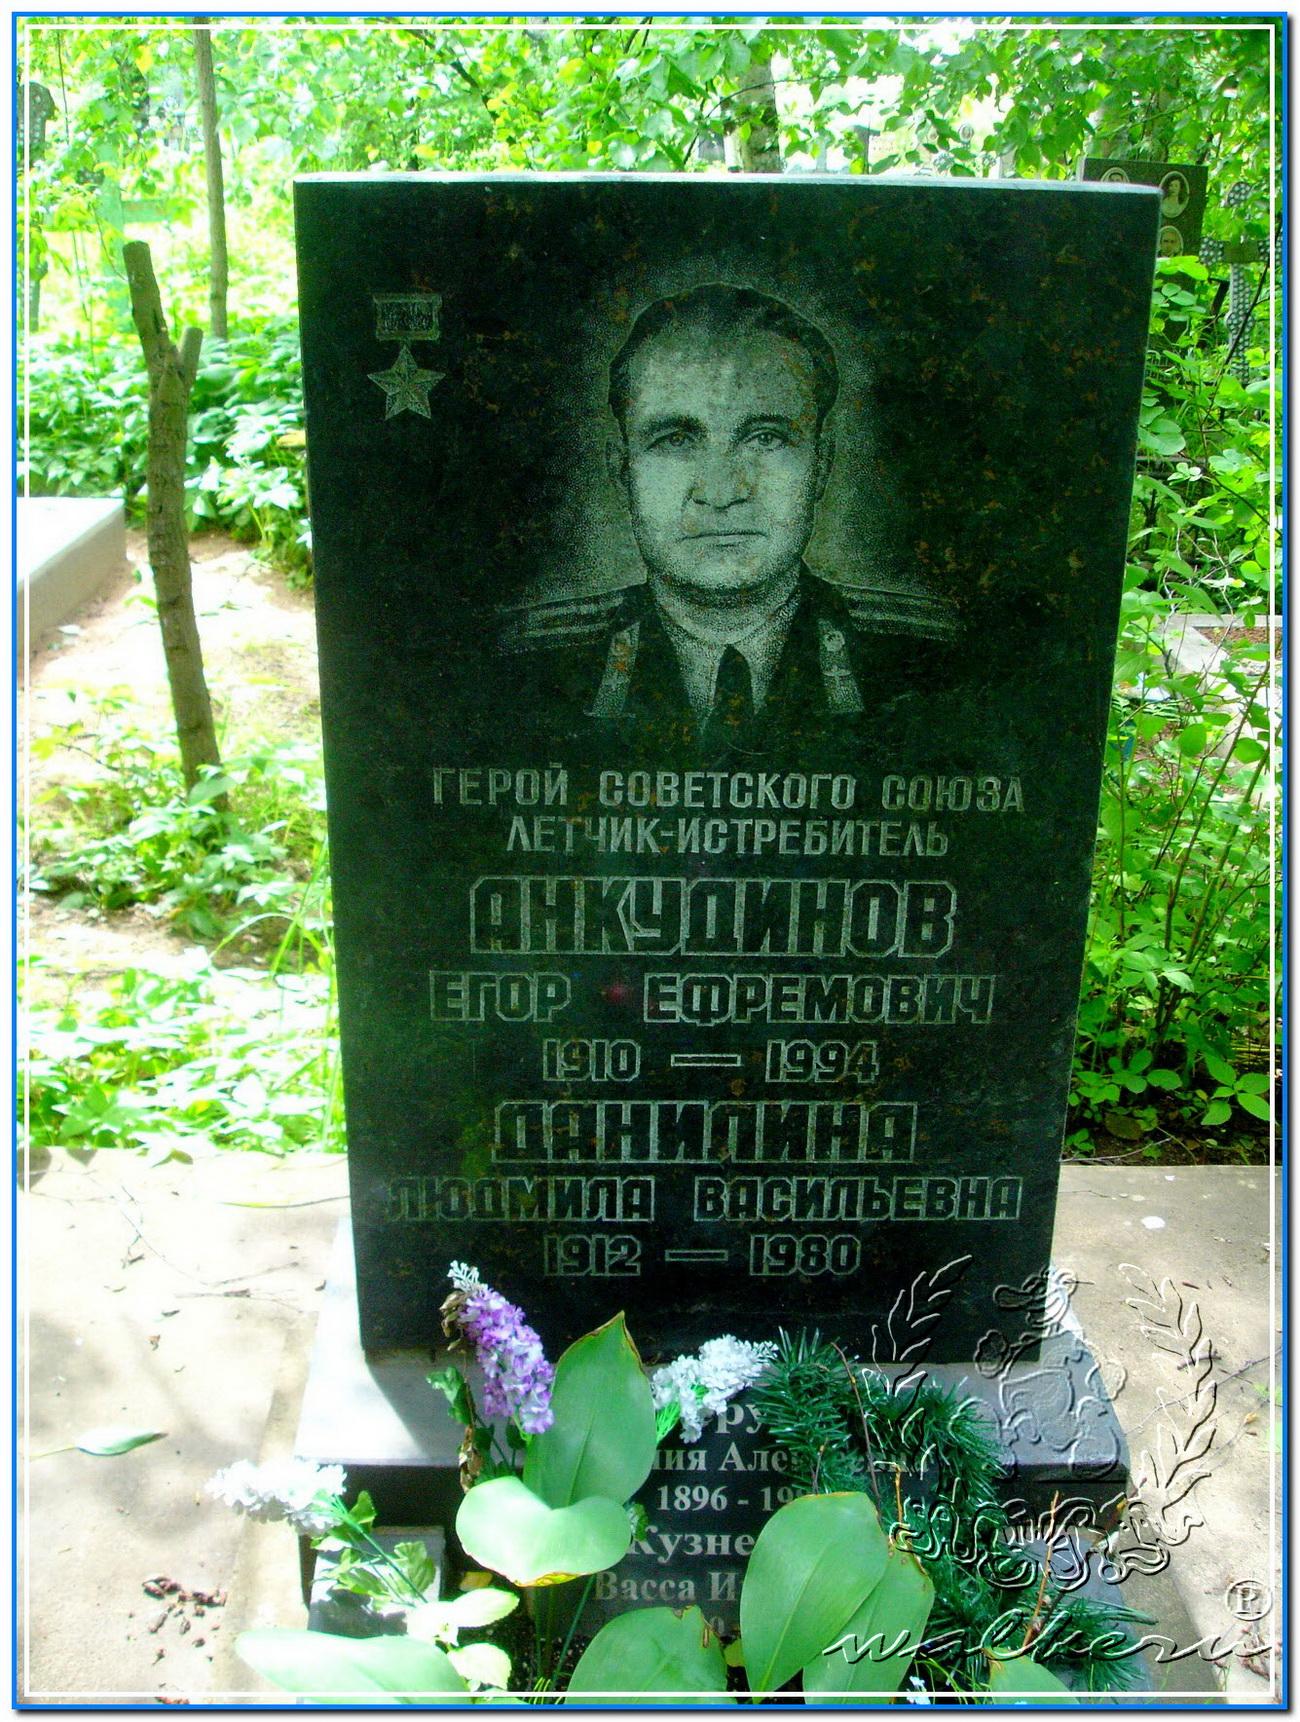 Анкудинов Егор Ефремович